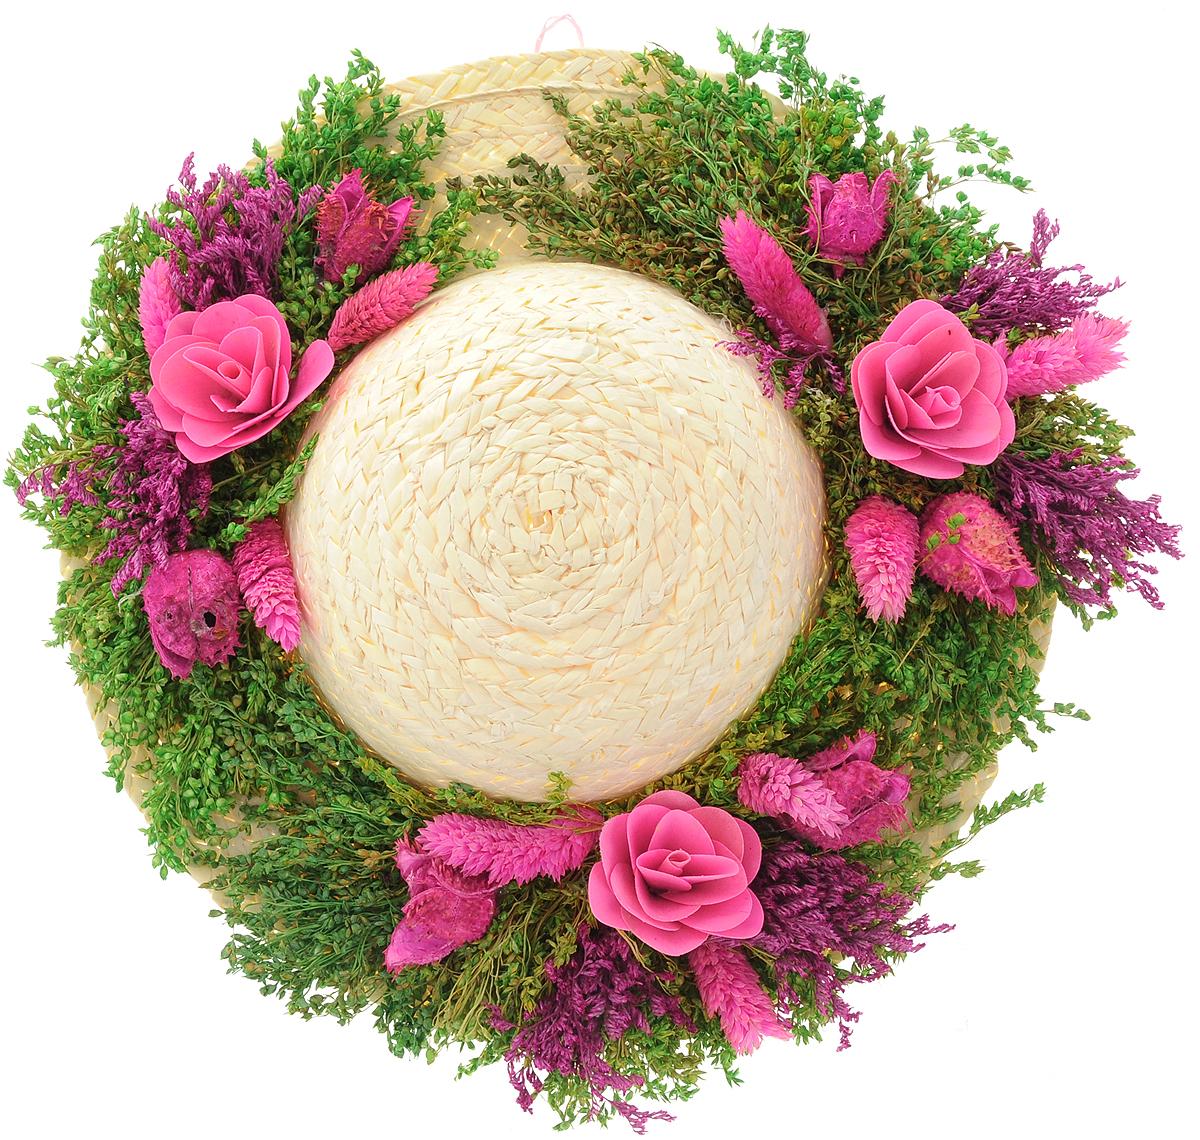 Декоративное настенное украшение Lillo Шляпа с цветами, цвет: светло-бежевый, зеленый, розовыйAF 03127_розовыйДекоративное подвесное украшение Lillo Шляпа с цветами выполнено из натуральной соломы и украшено сухоцветами. Такая шляпа станет изящным элементом декора в вашем доме. С задней стороны расположена петелька для подвешивания. Такое украшение не только подчеркнет ваш изысканный вкус, но и станет прекрасным подарком, который обязательно порадует получателя.